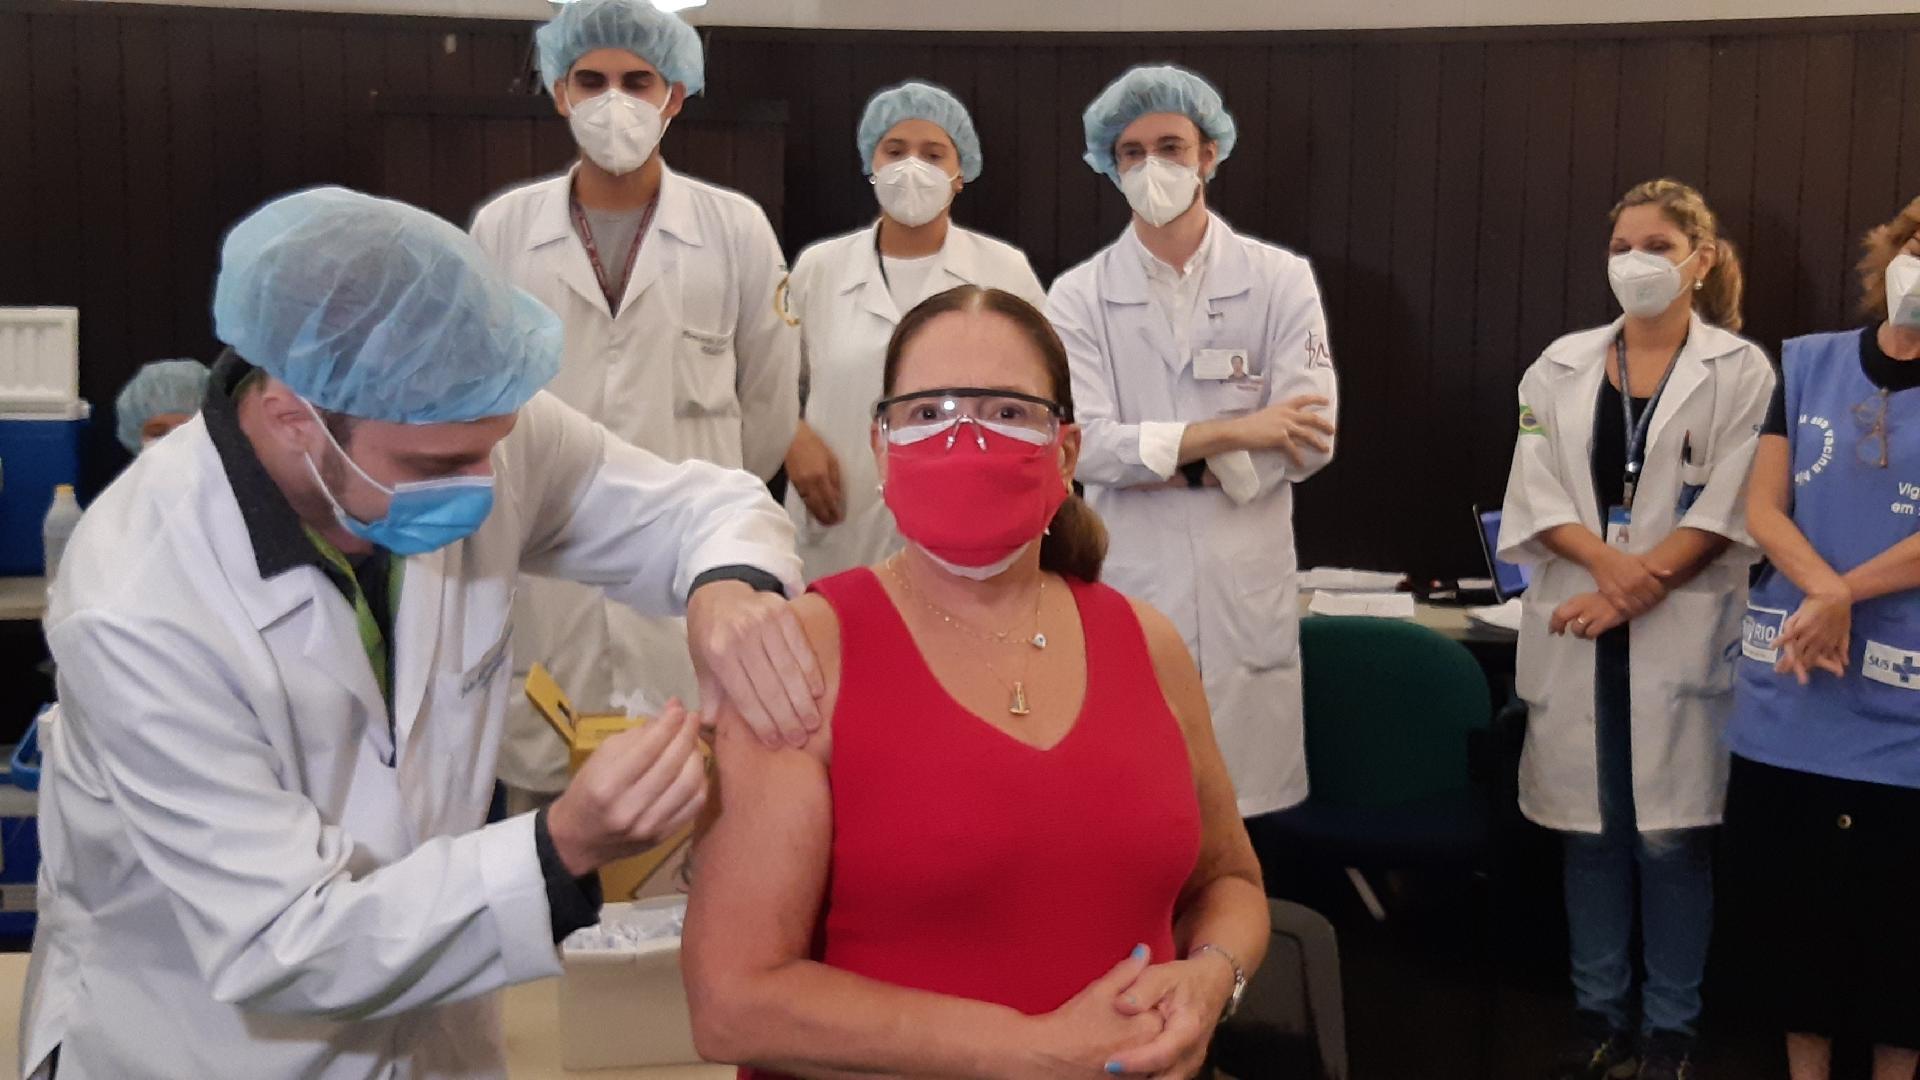 Susana Vieira recebendo 2ª dose da vacina contra covid-19 - Daniel Delmiro e Rodrigo Adão/AgNews